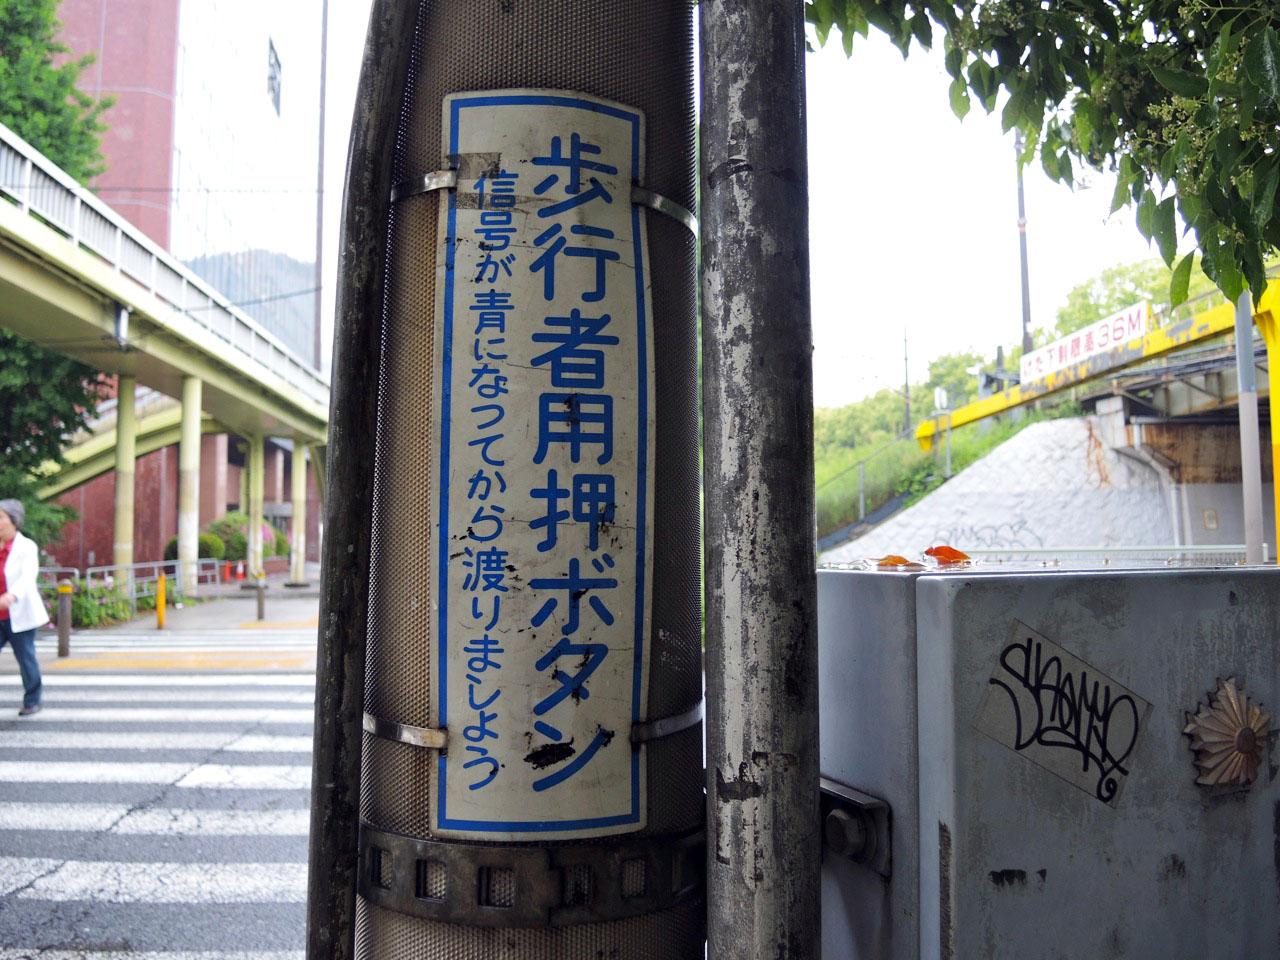 日本は丸ゴシックの宝庫・看板屋さん実演_e0175918_438768.jpg